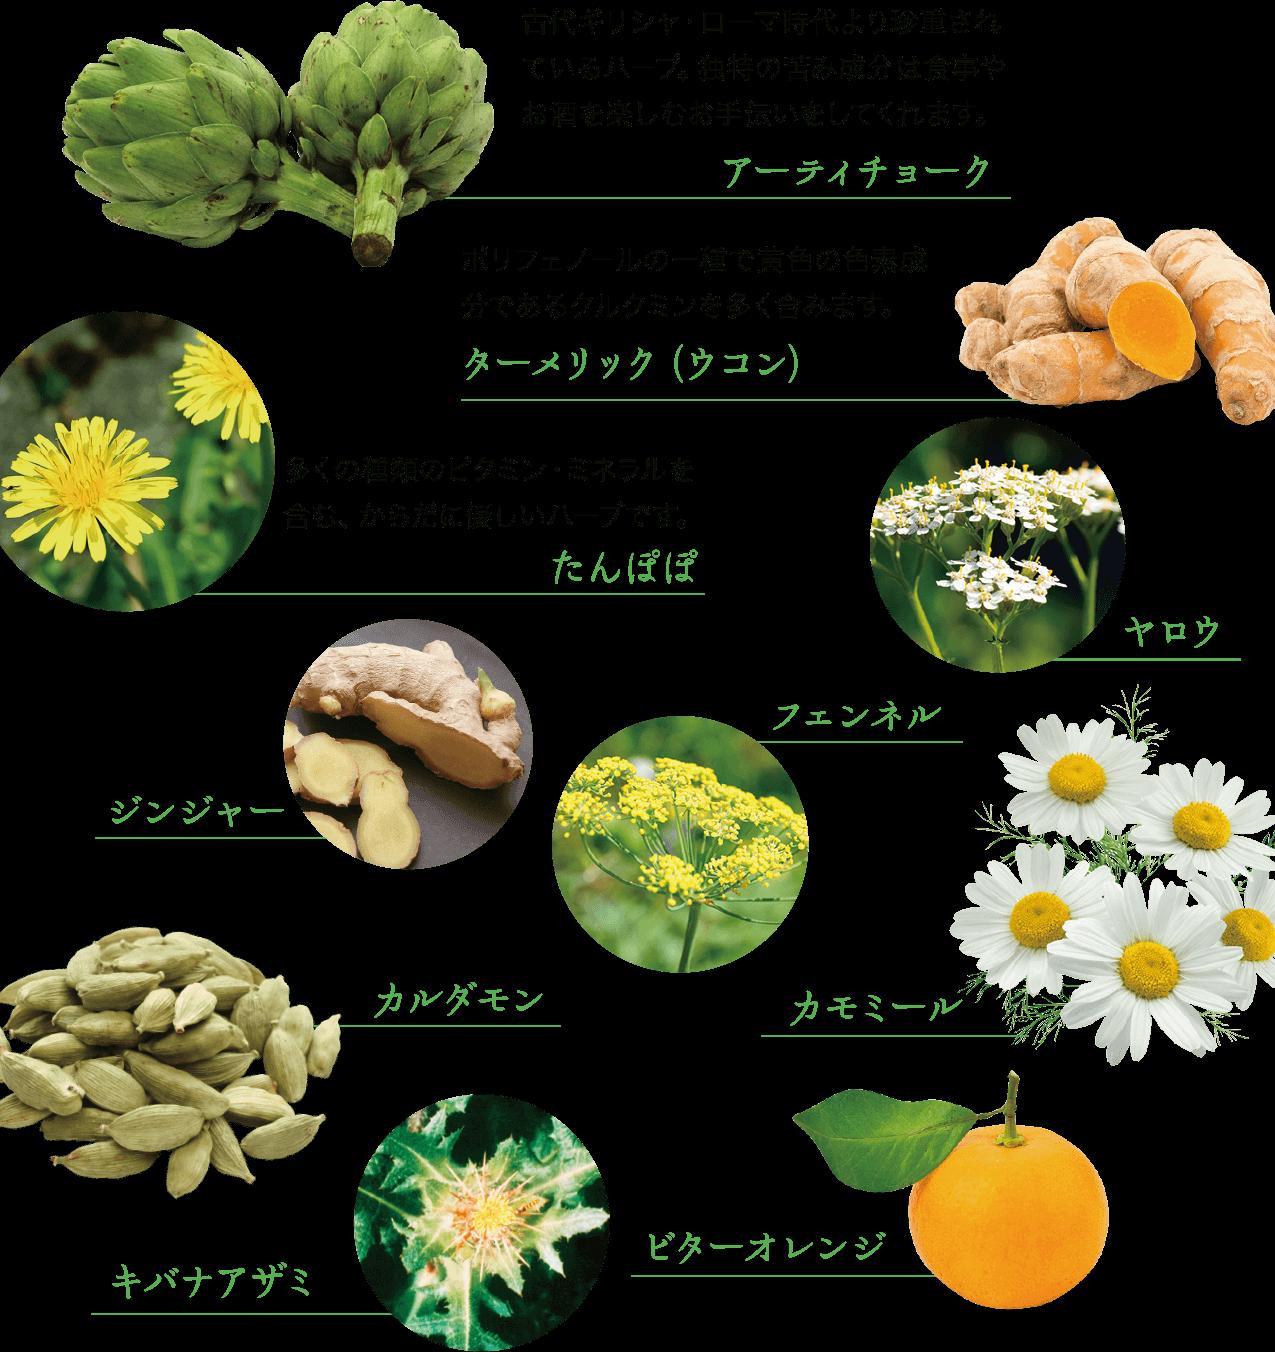 ドイツで厳選された10種類のハーブ